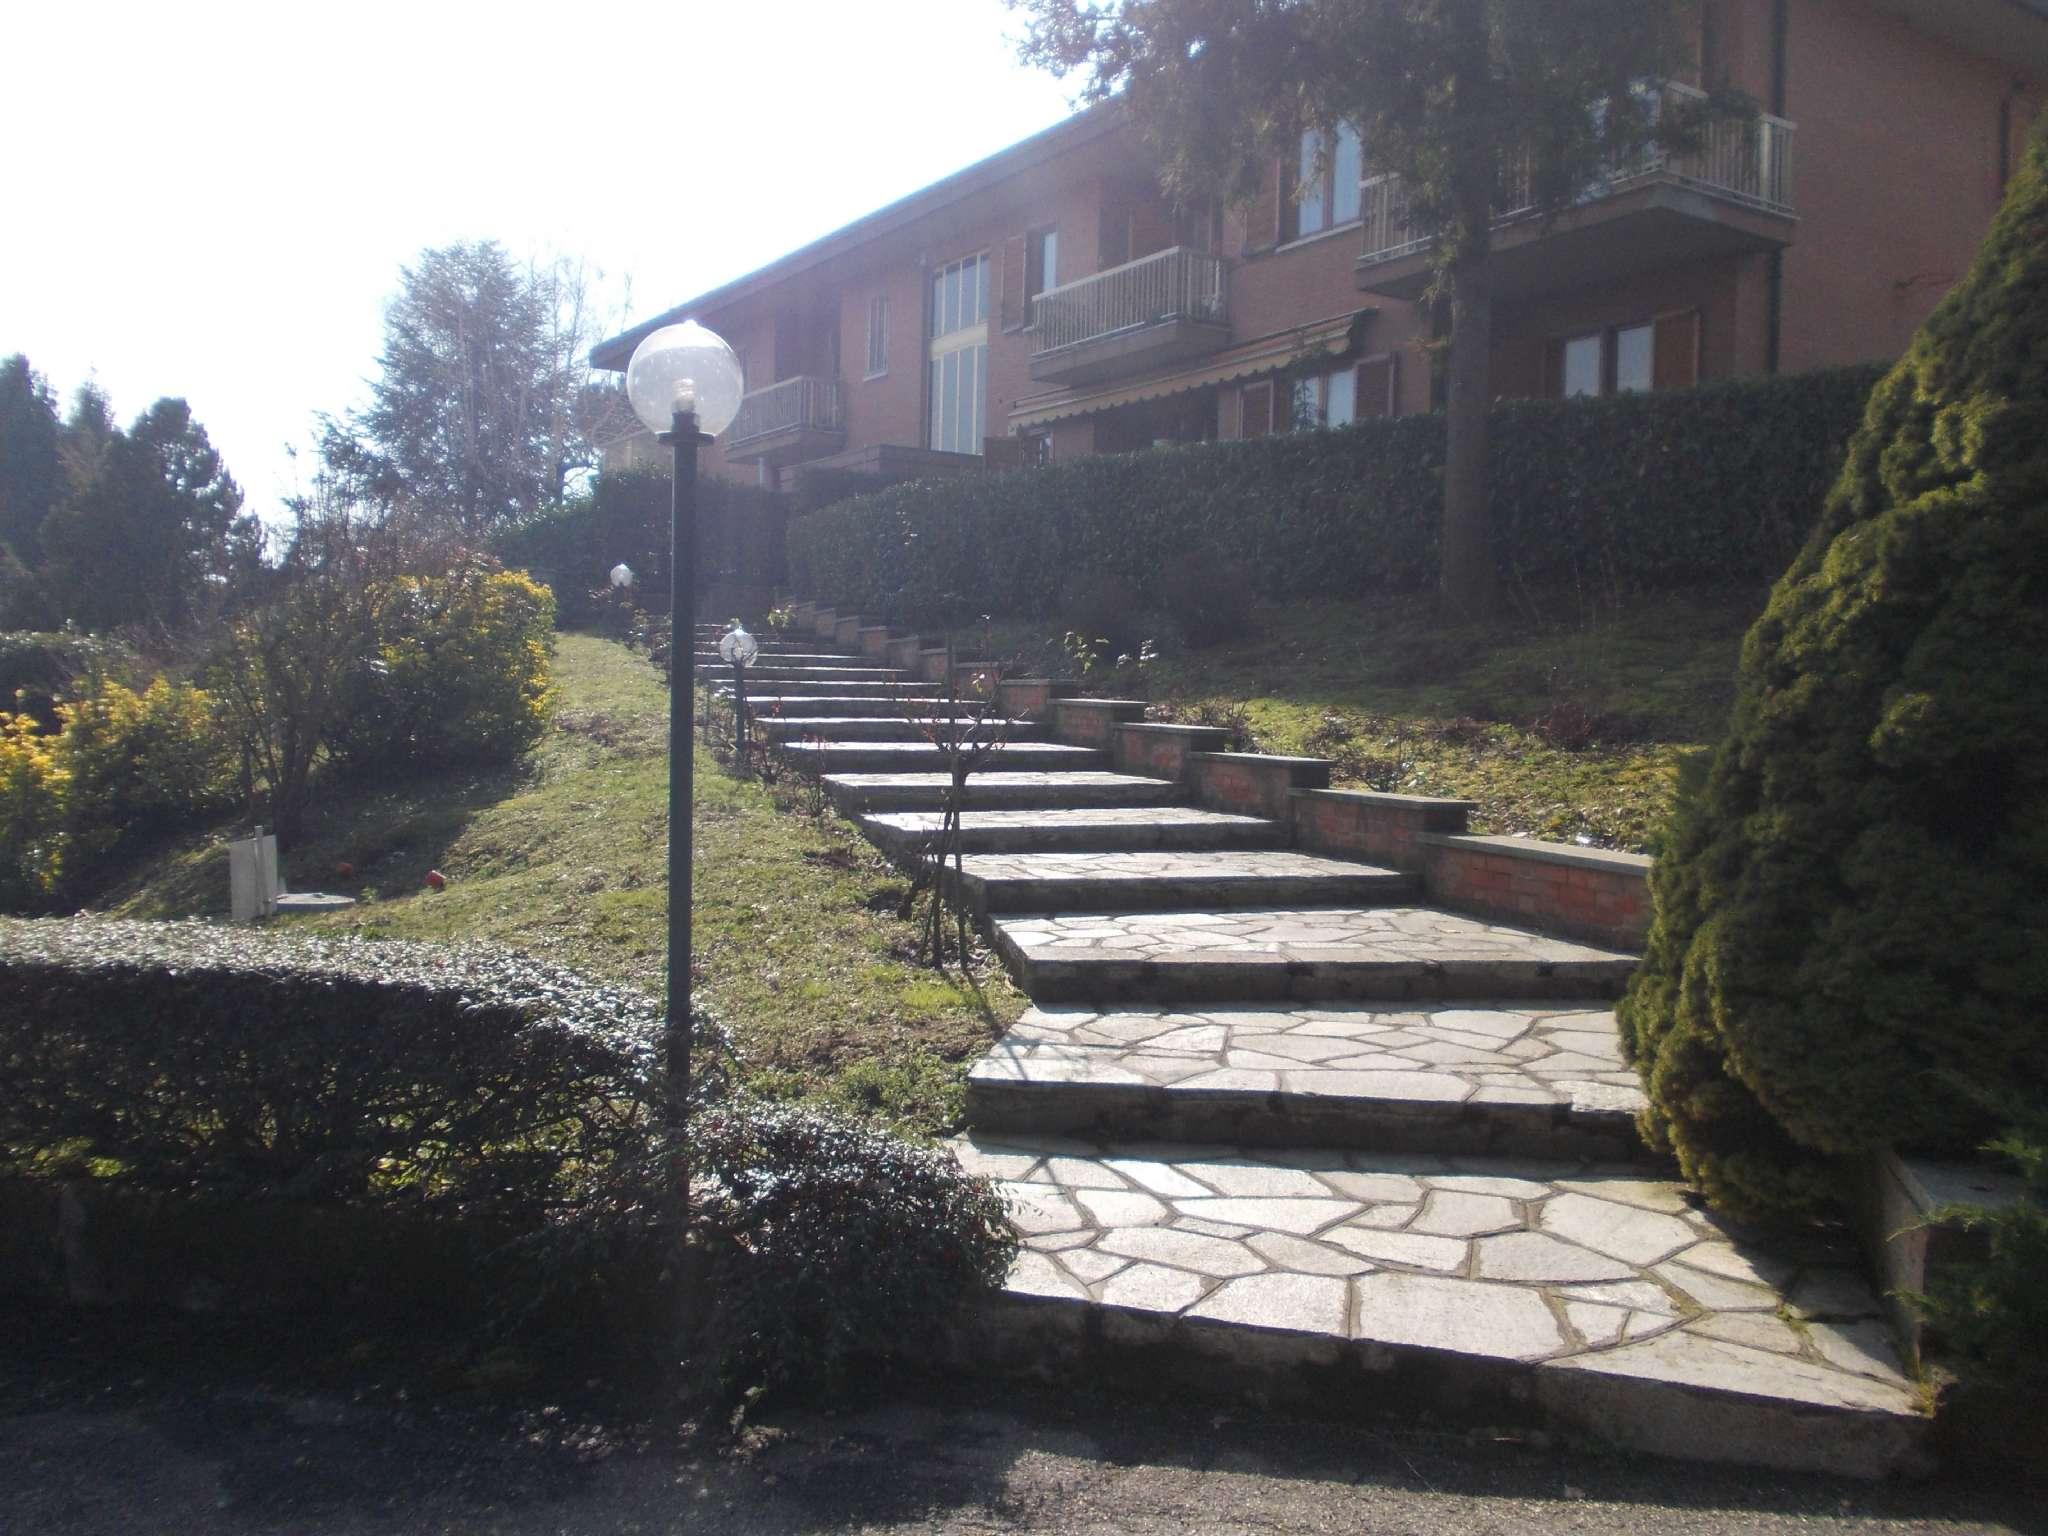 Bilocale Pino Torinese Via Privata Via Delle Genziane 1